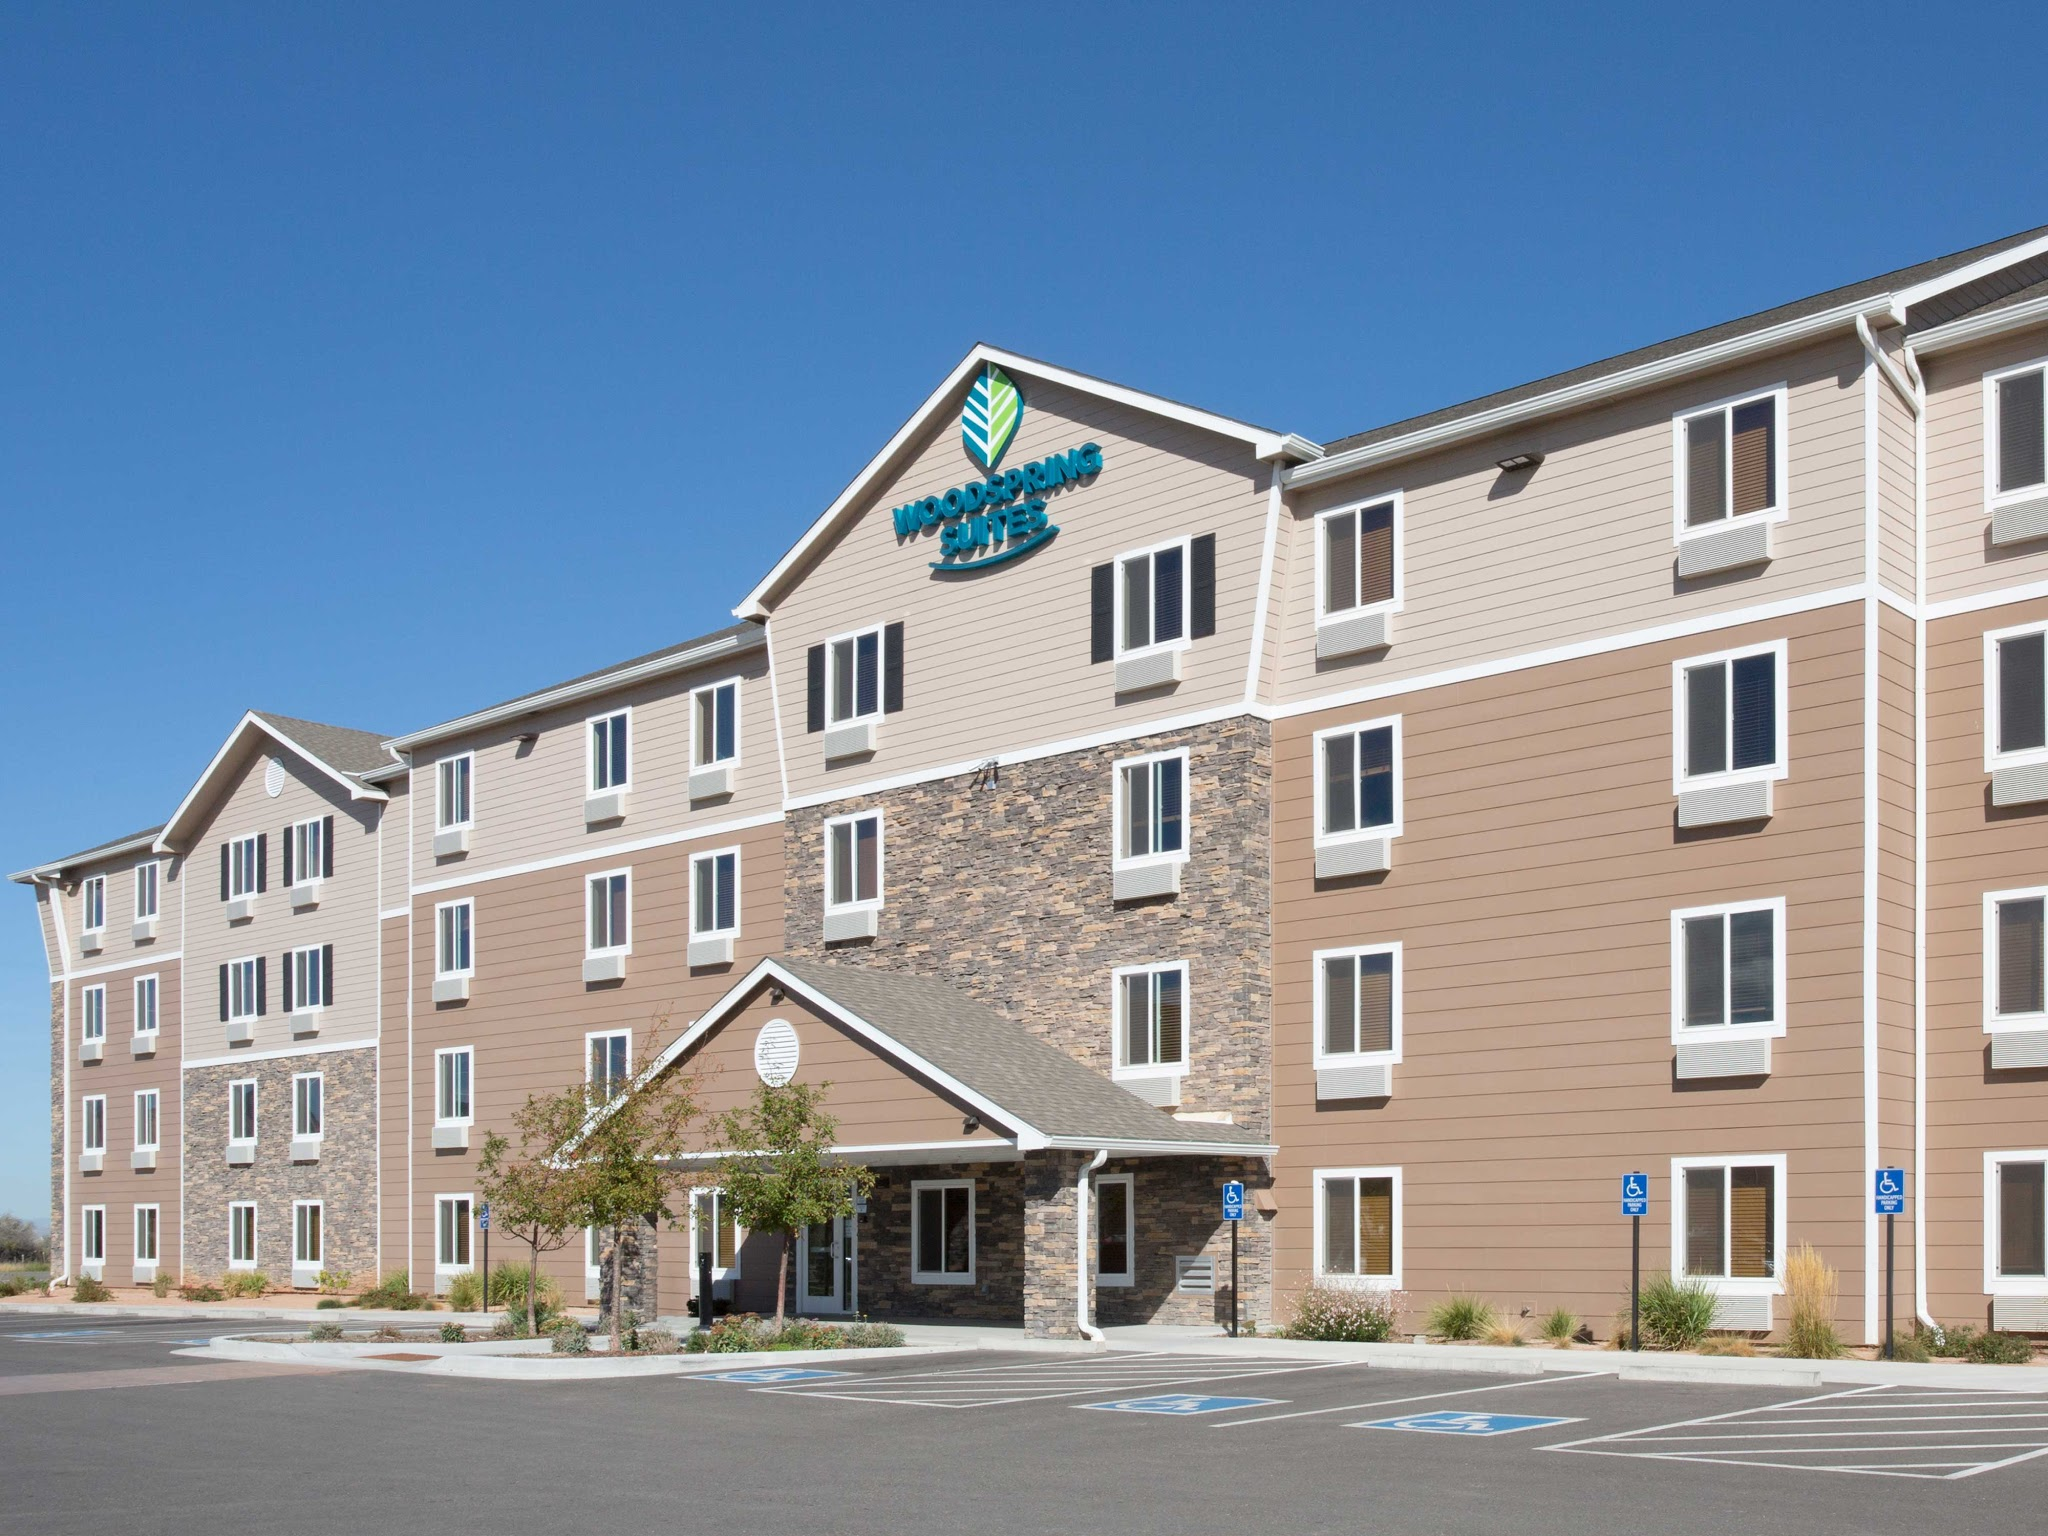 WoodSpring Suites Grand Junction